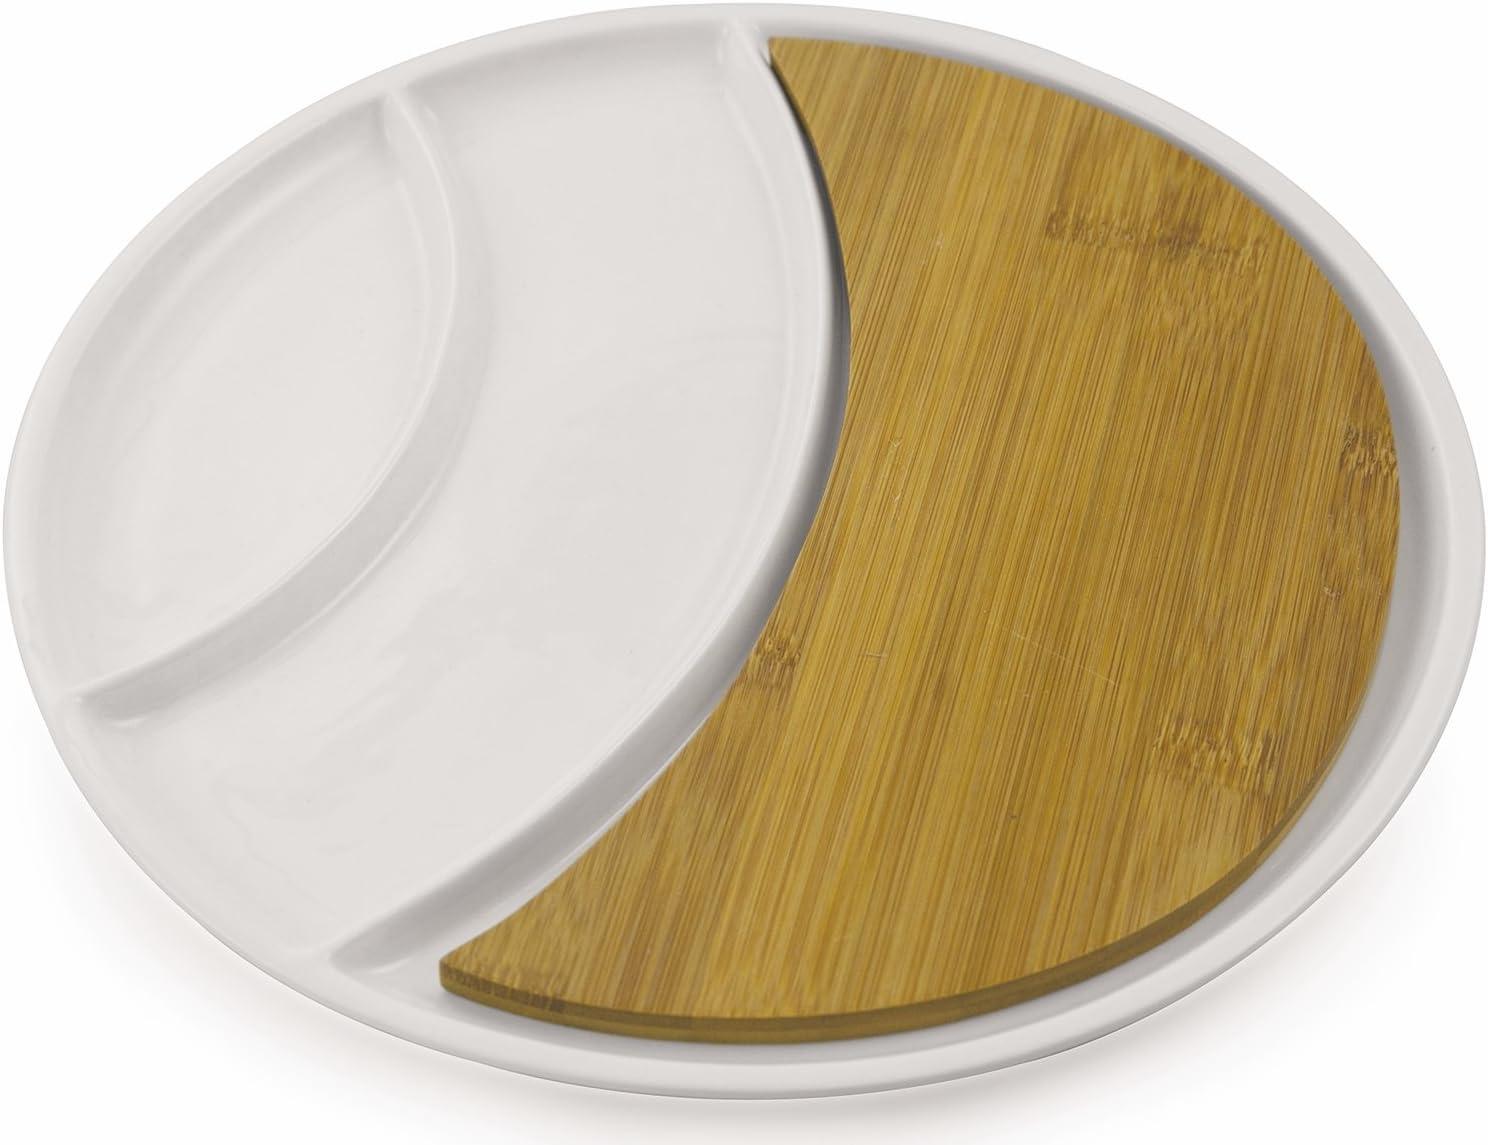 Ceramica Villa d/'Este Home Tivoli Gourmet Vassoio Piccolo Rettangolare Bianco